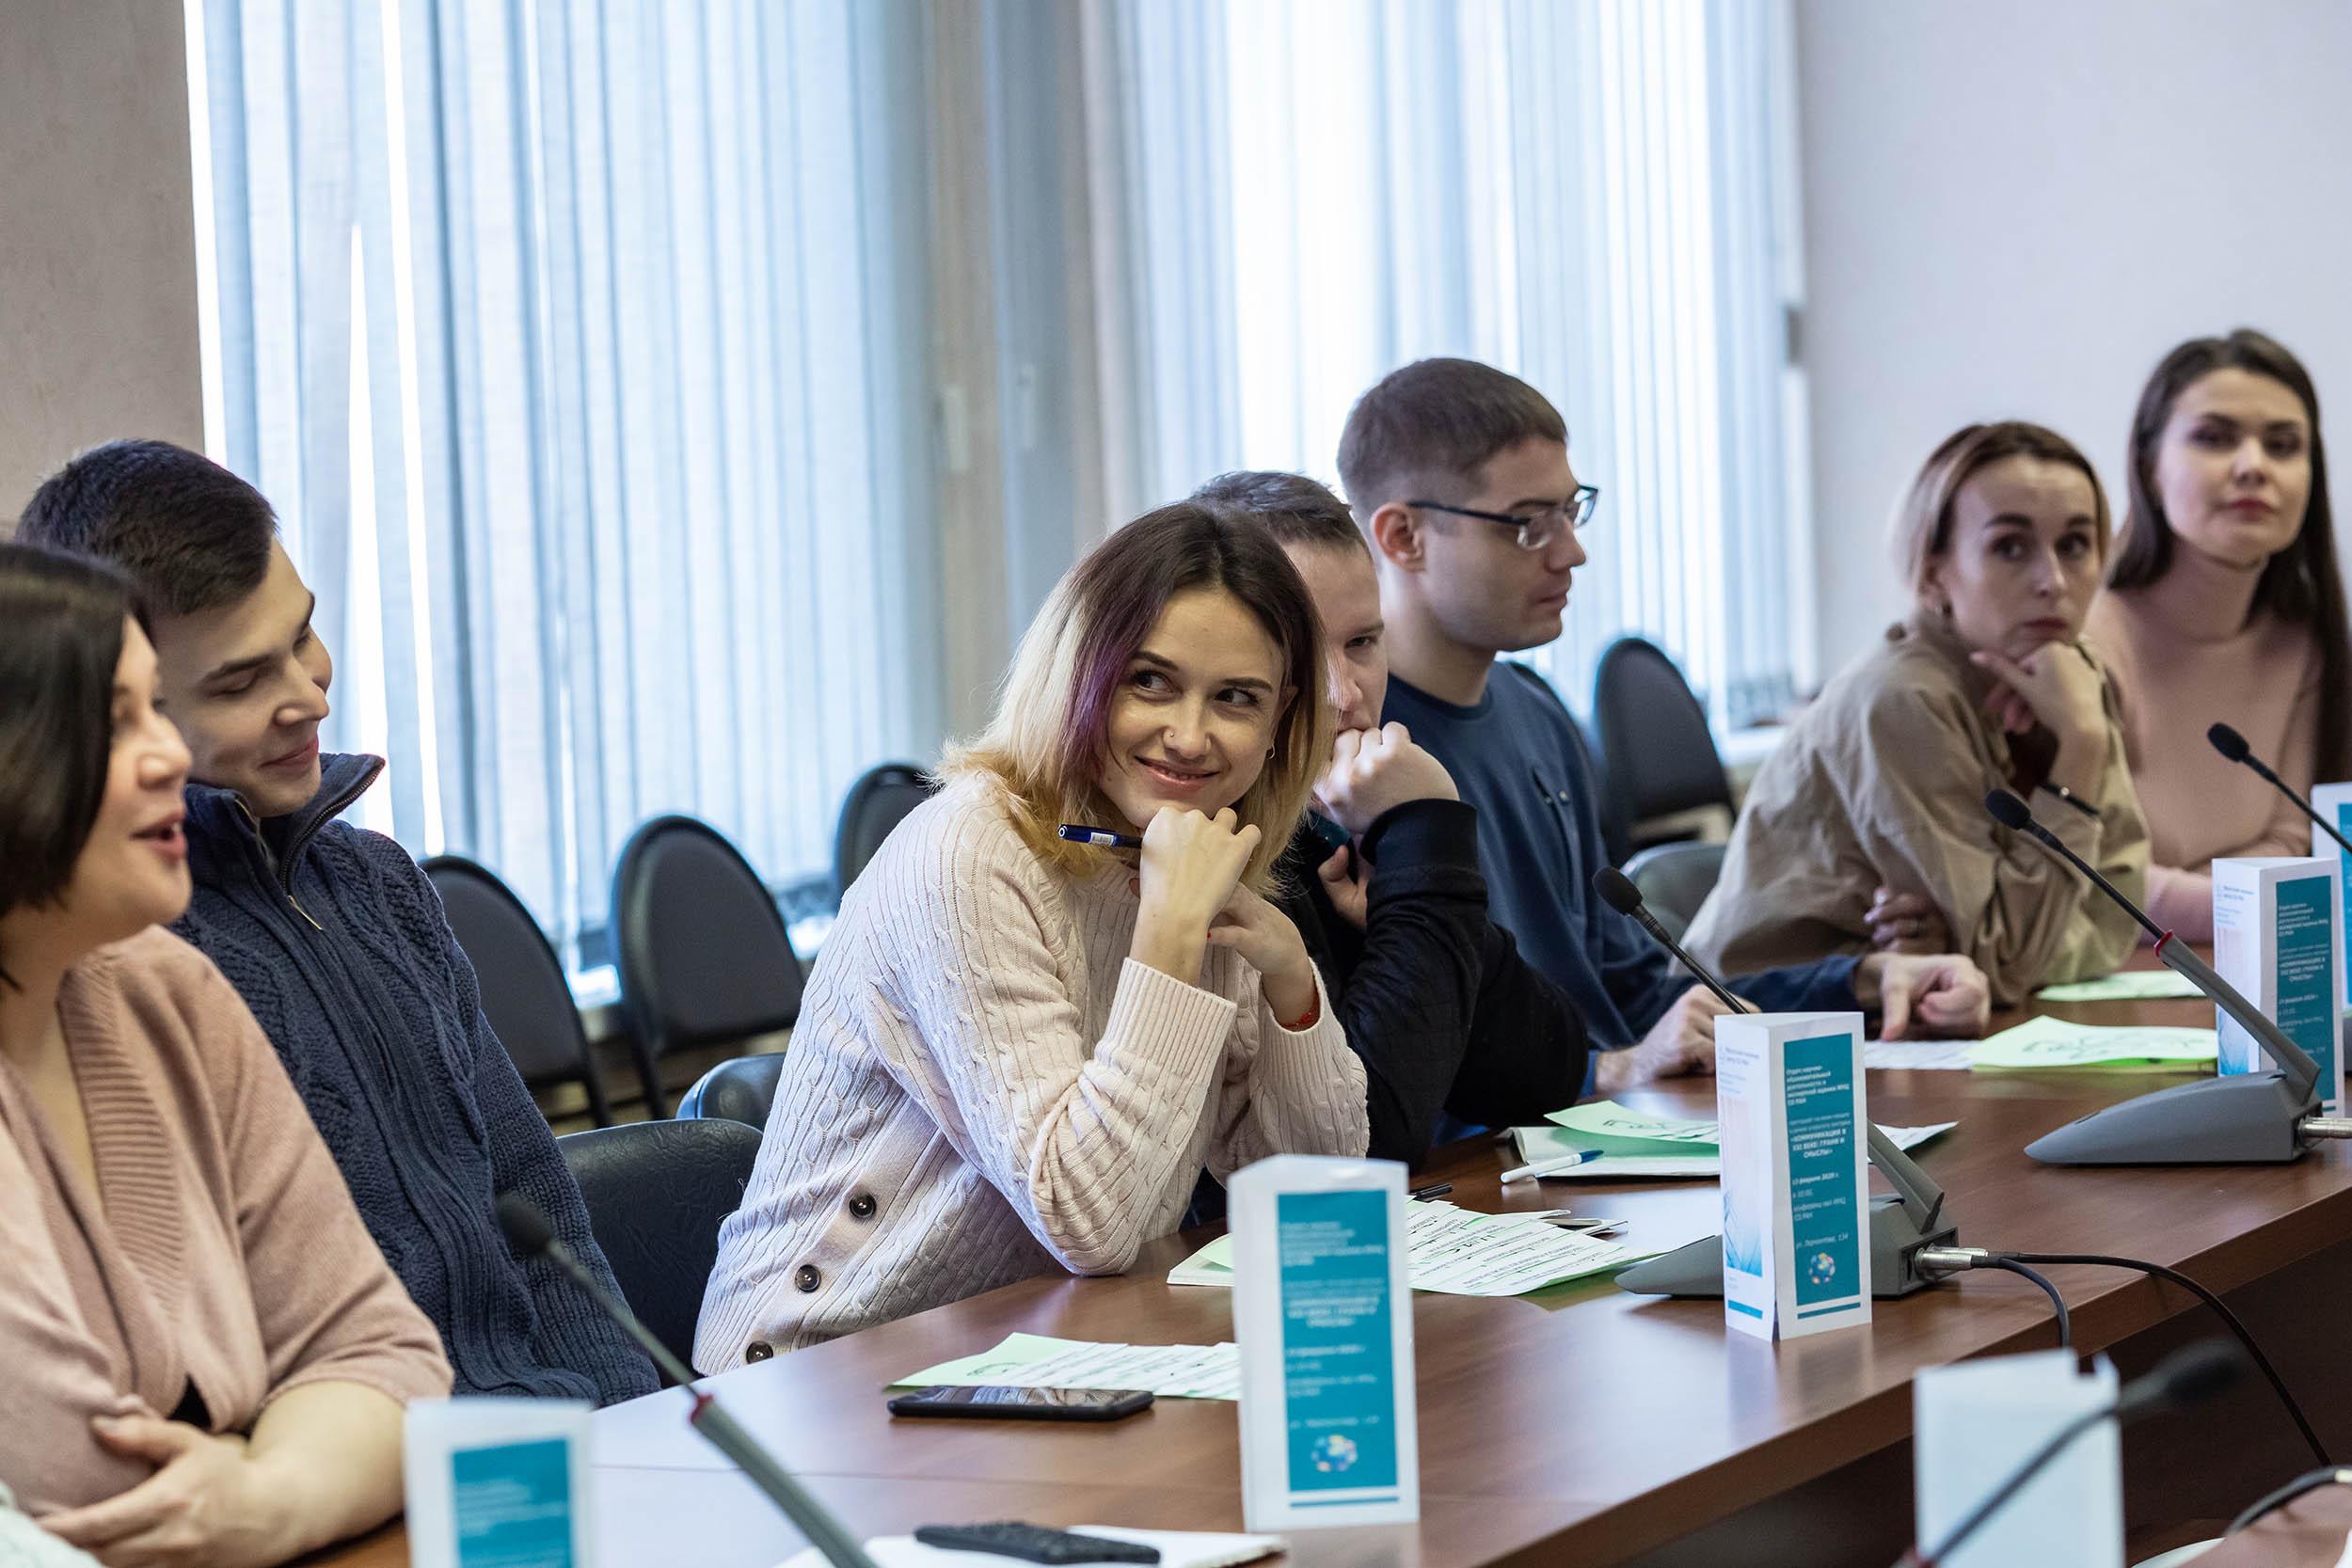 В Иркутском научном центре СО РАН обсудили направления и возможности повышения качества подготовки аспирантов